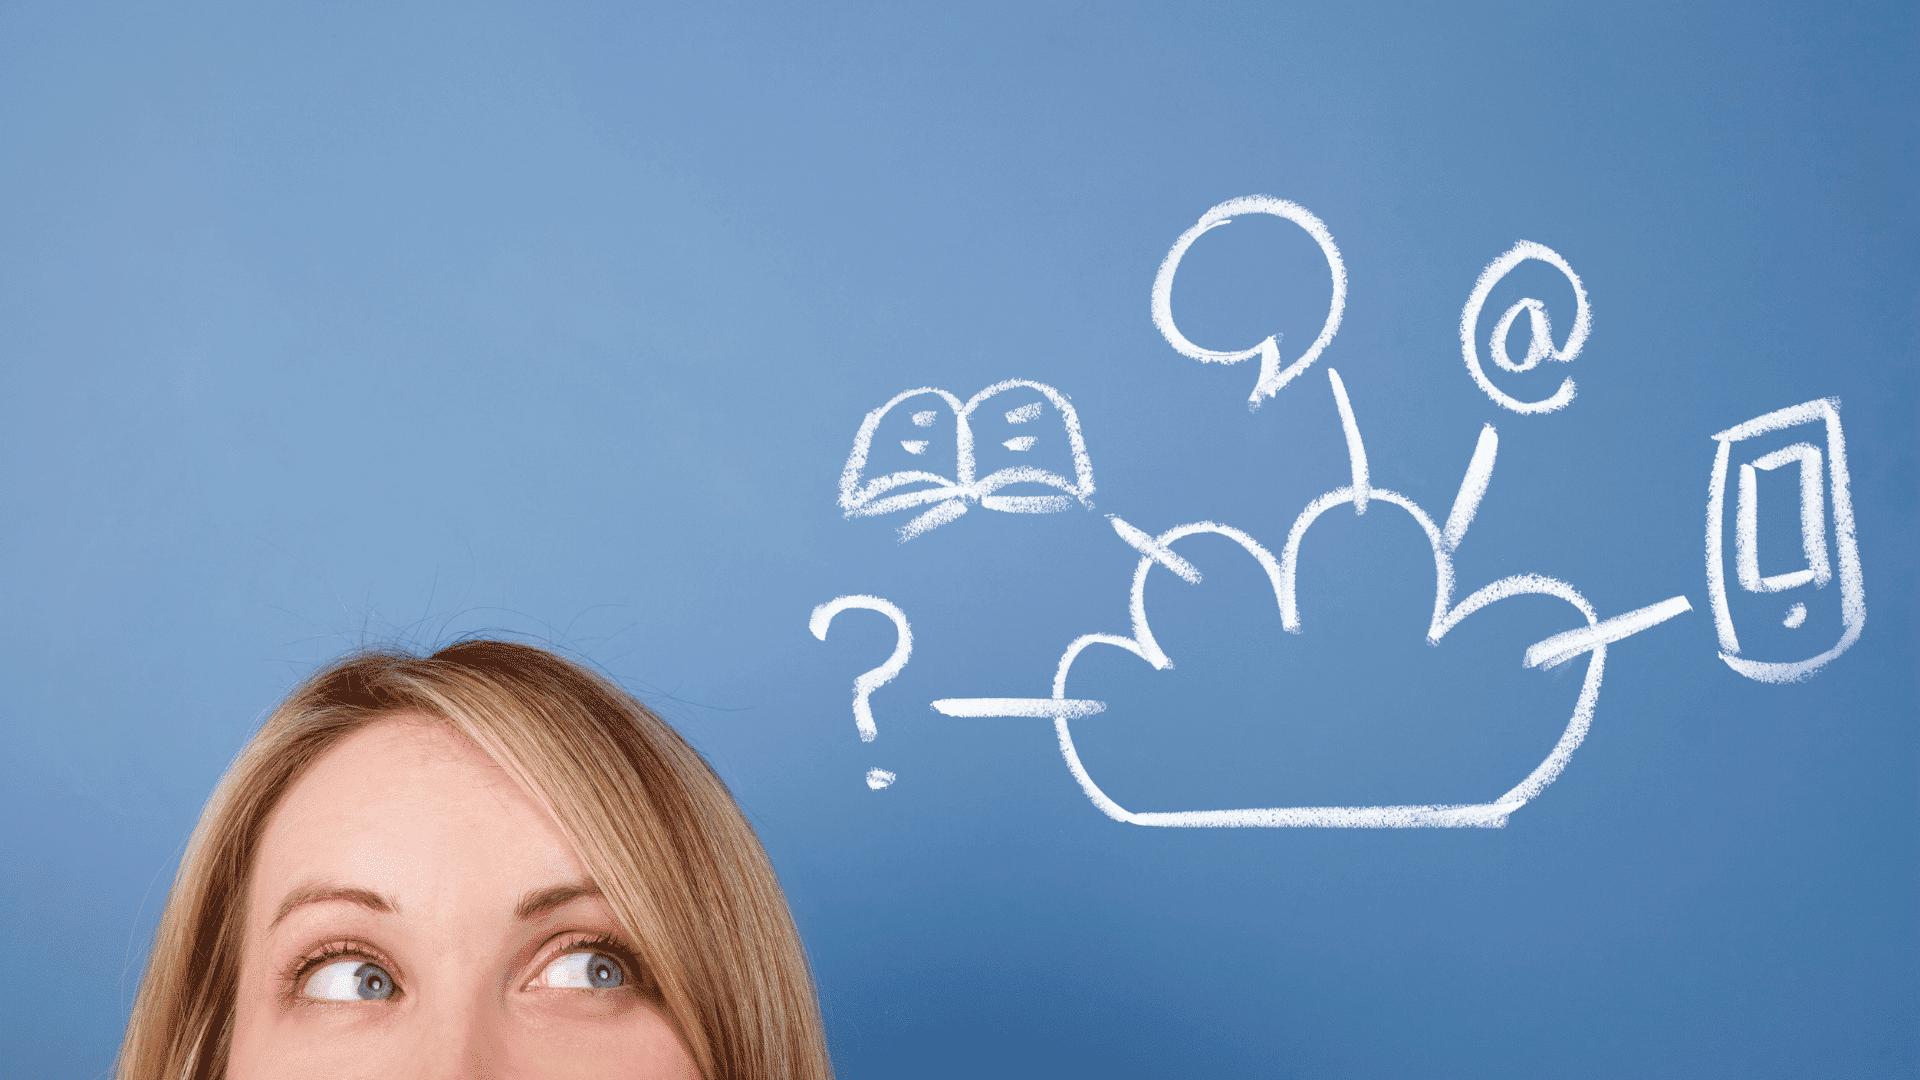 ragazza che guarda i possibili servizi del cloud computing